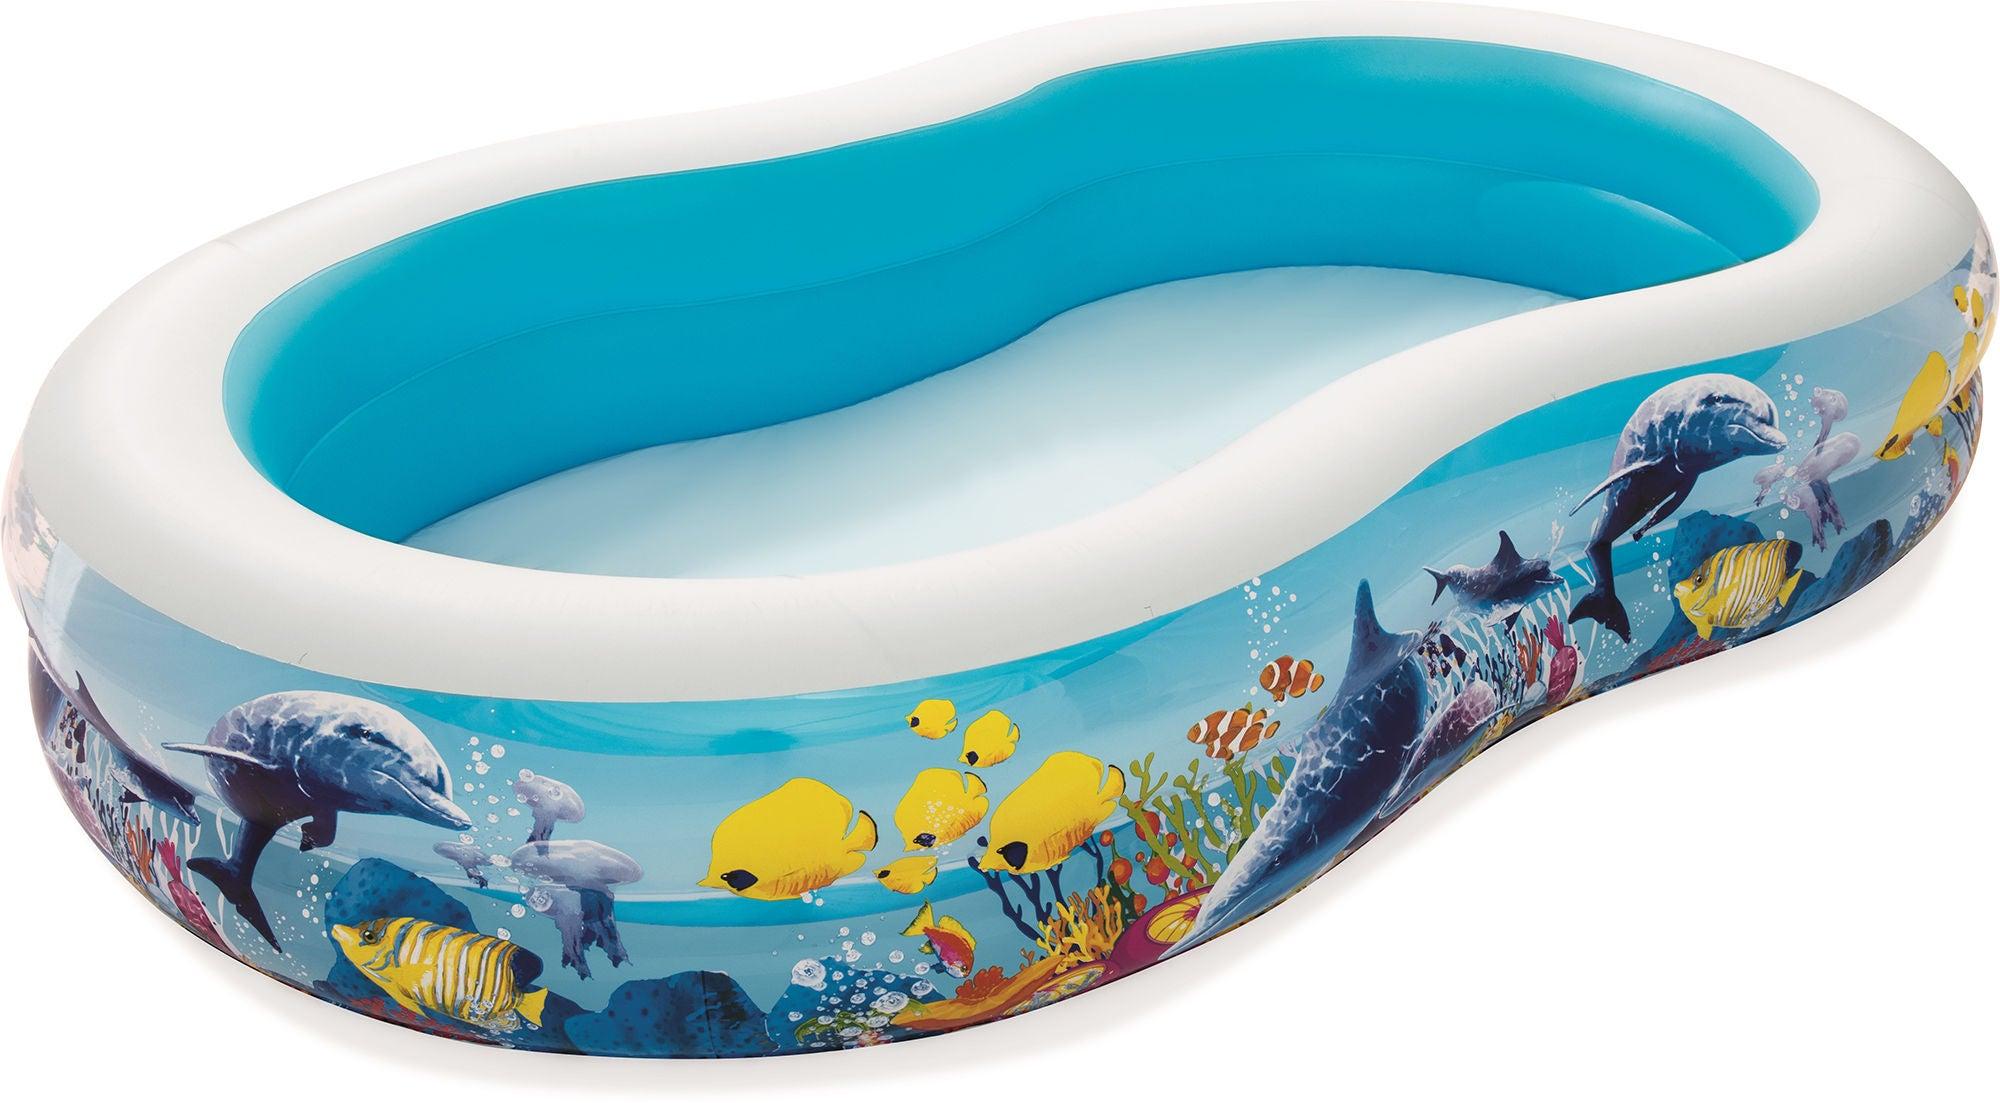 Bestway Pool 262x157 Clownfisk